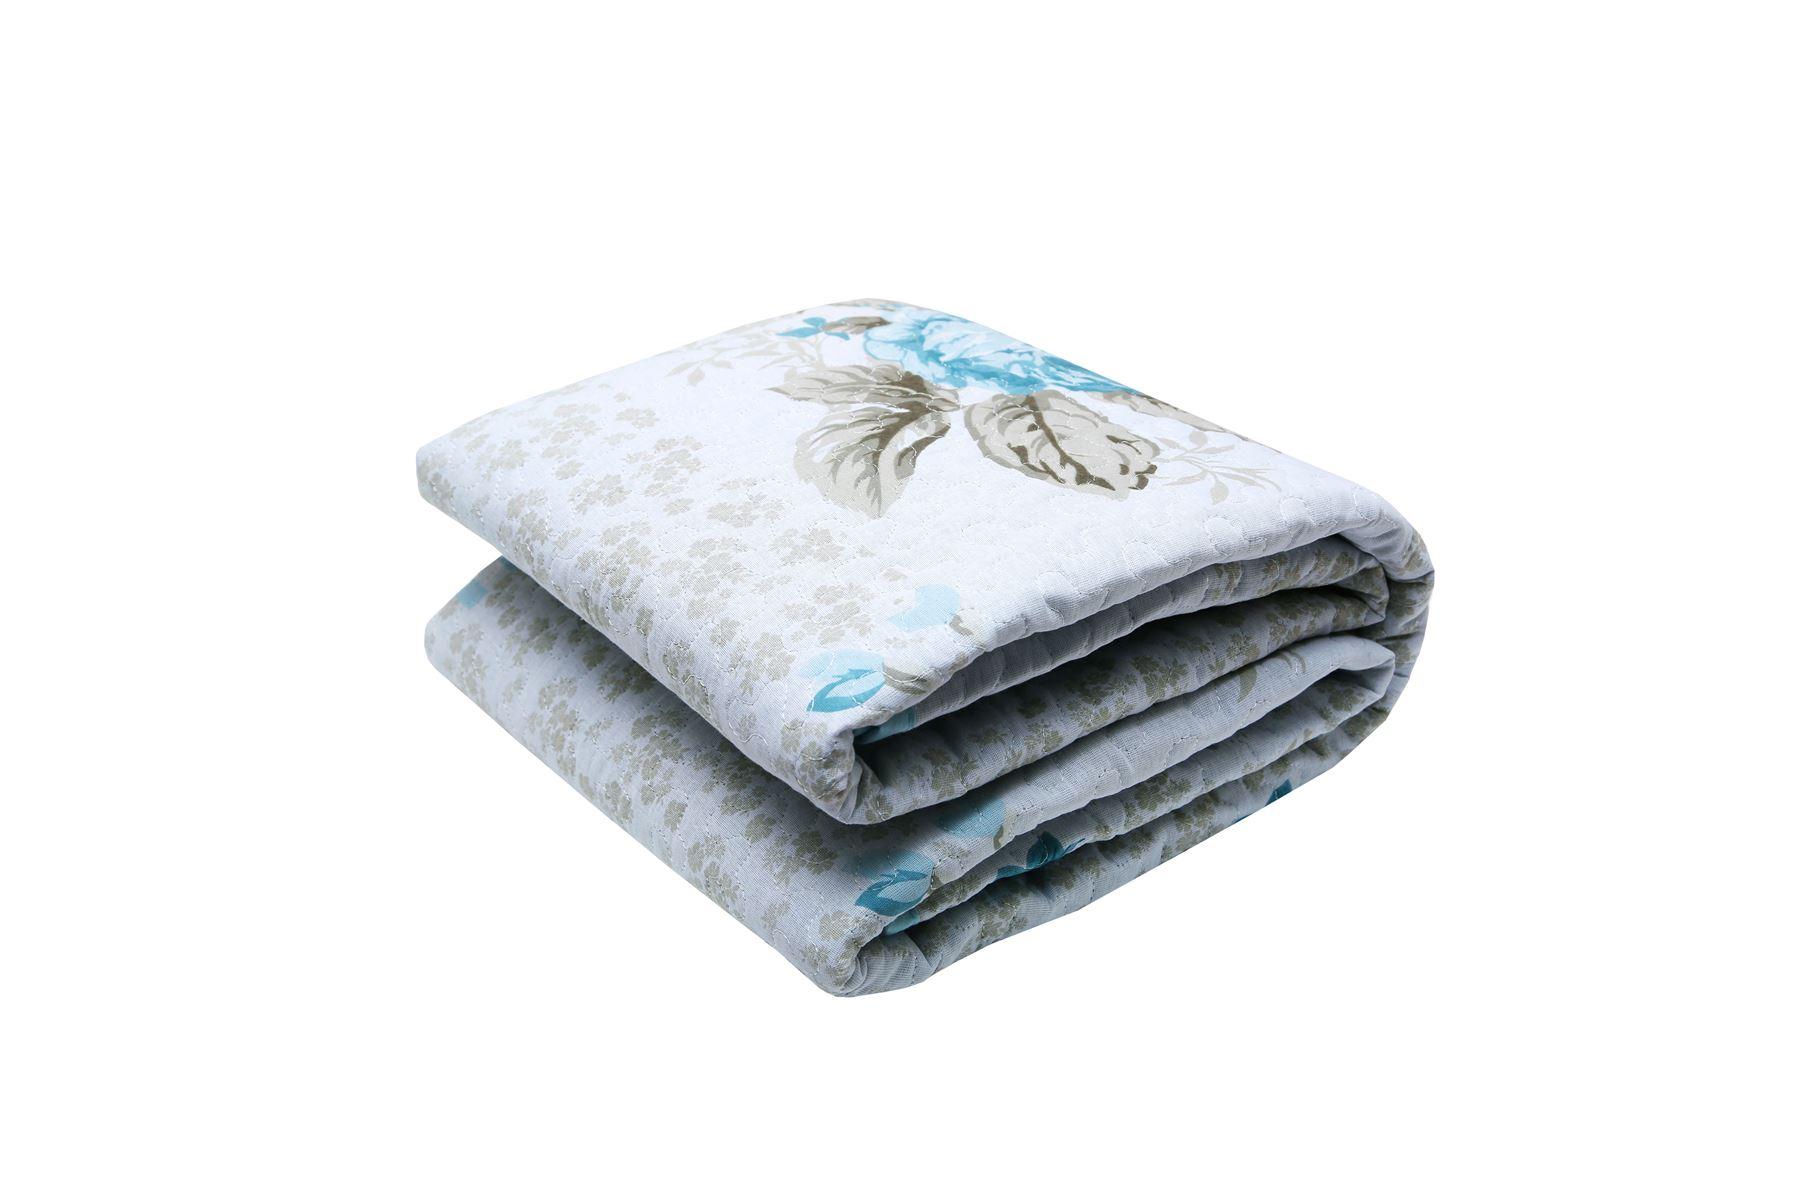 Nuevo-Floral-Rosa-Acolchado-Colcha-100-Algodon-Cobertor-Edredon-En-Relieve-Doble-King miniatura 5